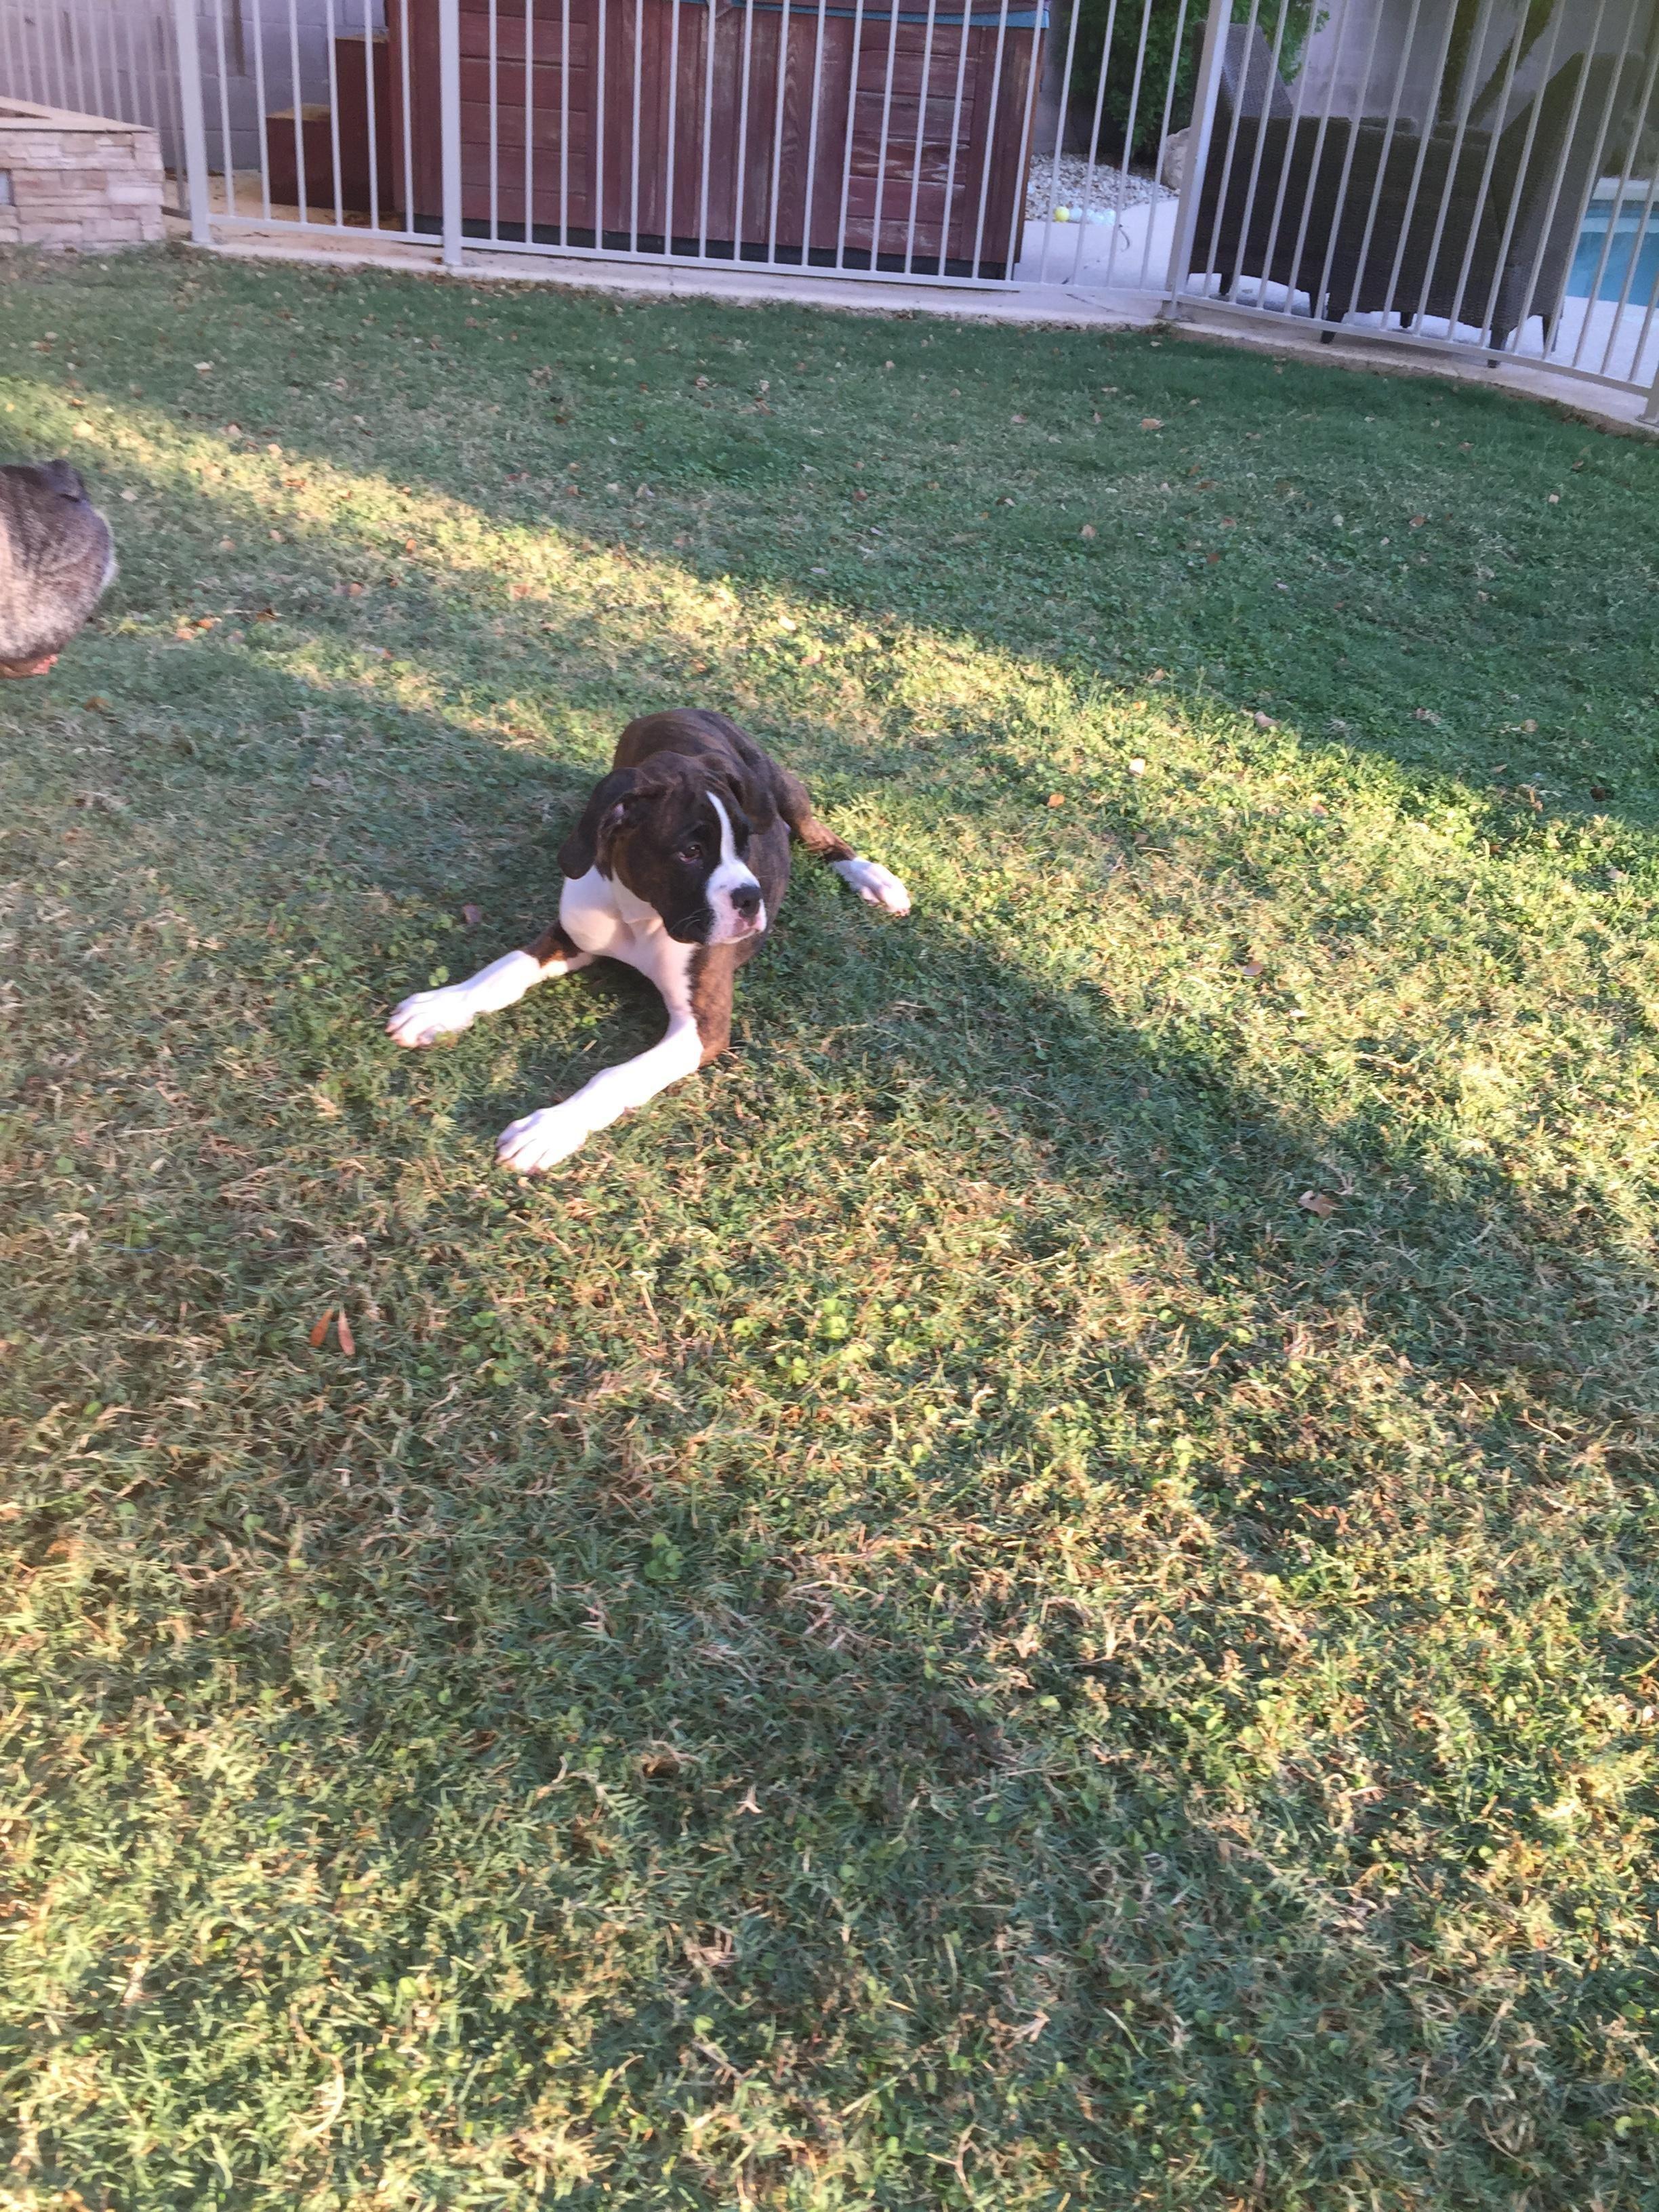 Lost Name Gracie Description Female Brindle Boxer Puppy Area Last Seen Glendale Az 85308 Address Last Seen H With Images Losing A Pet Brindle Boxer Puppies Brindle Boxer